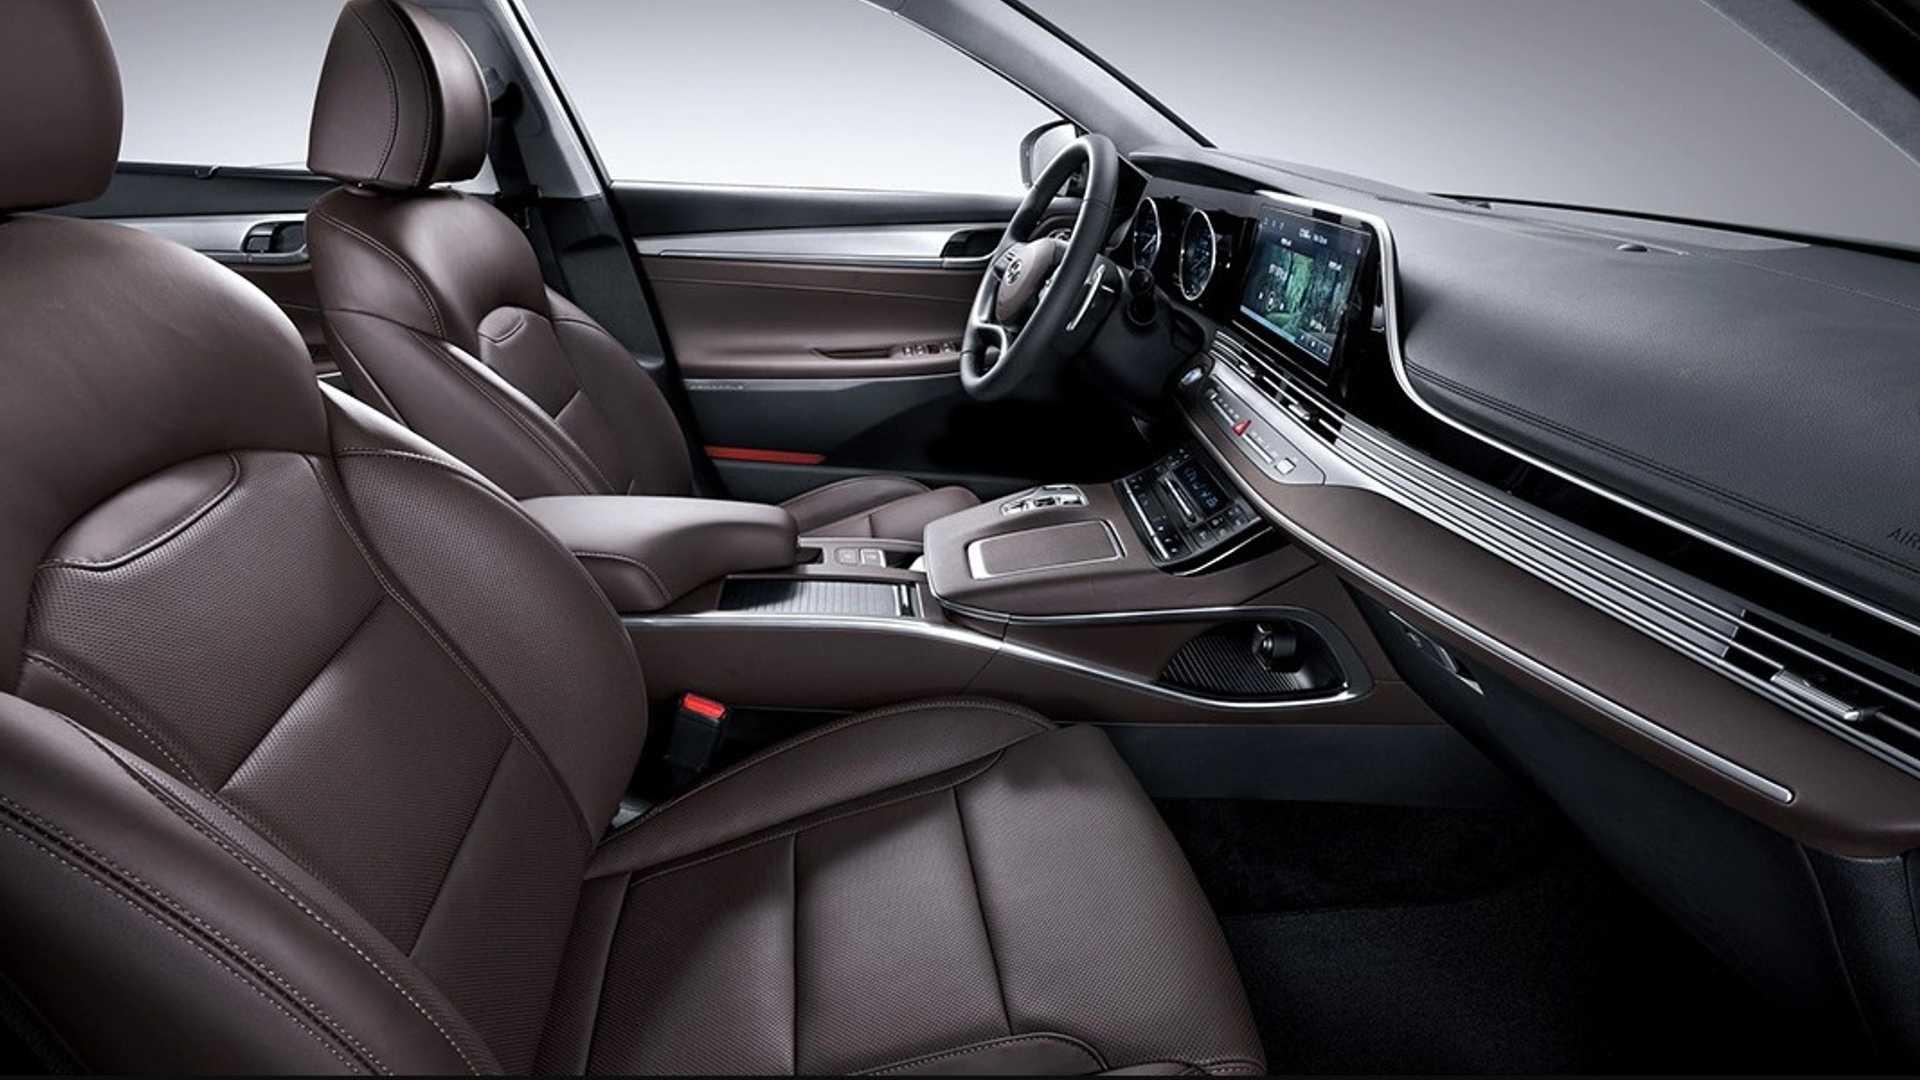 2020_Hyundai_Grandeur_Facelift_0005